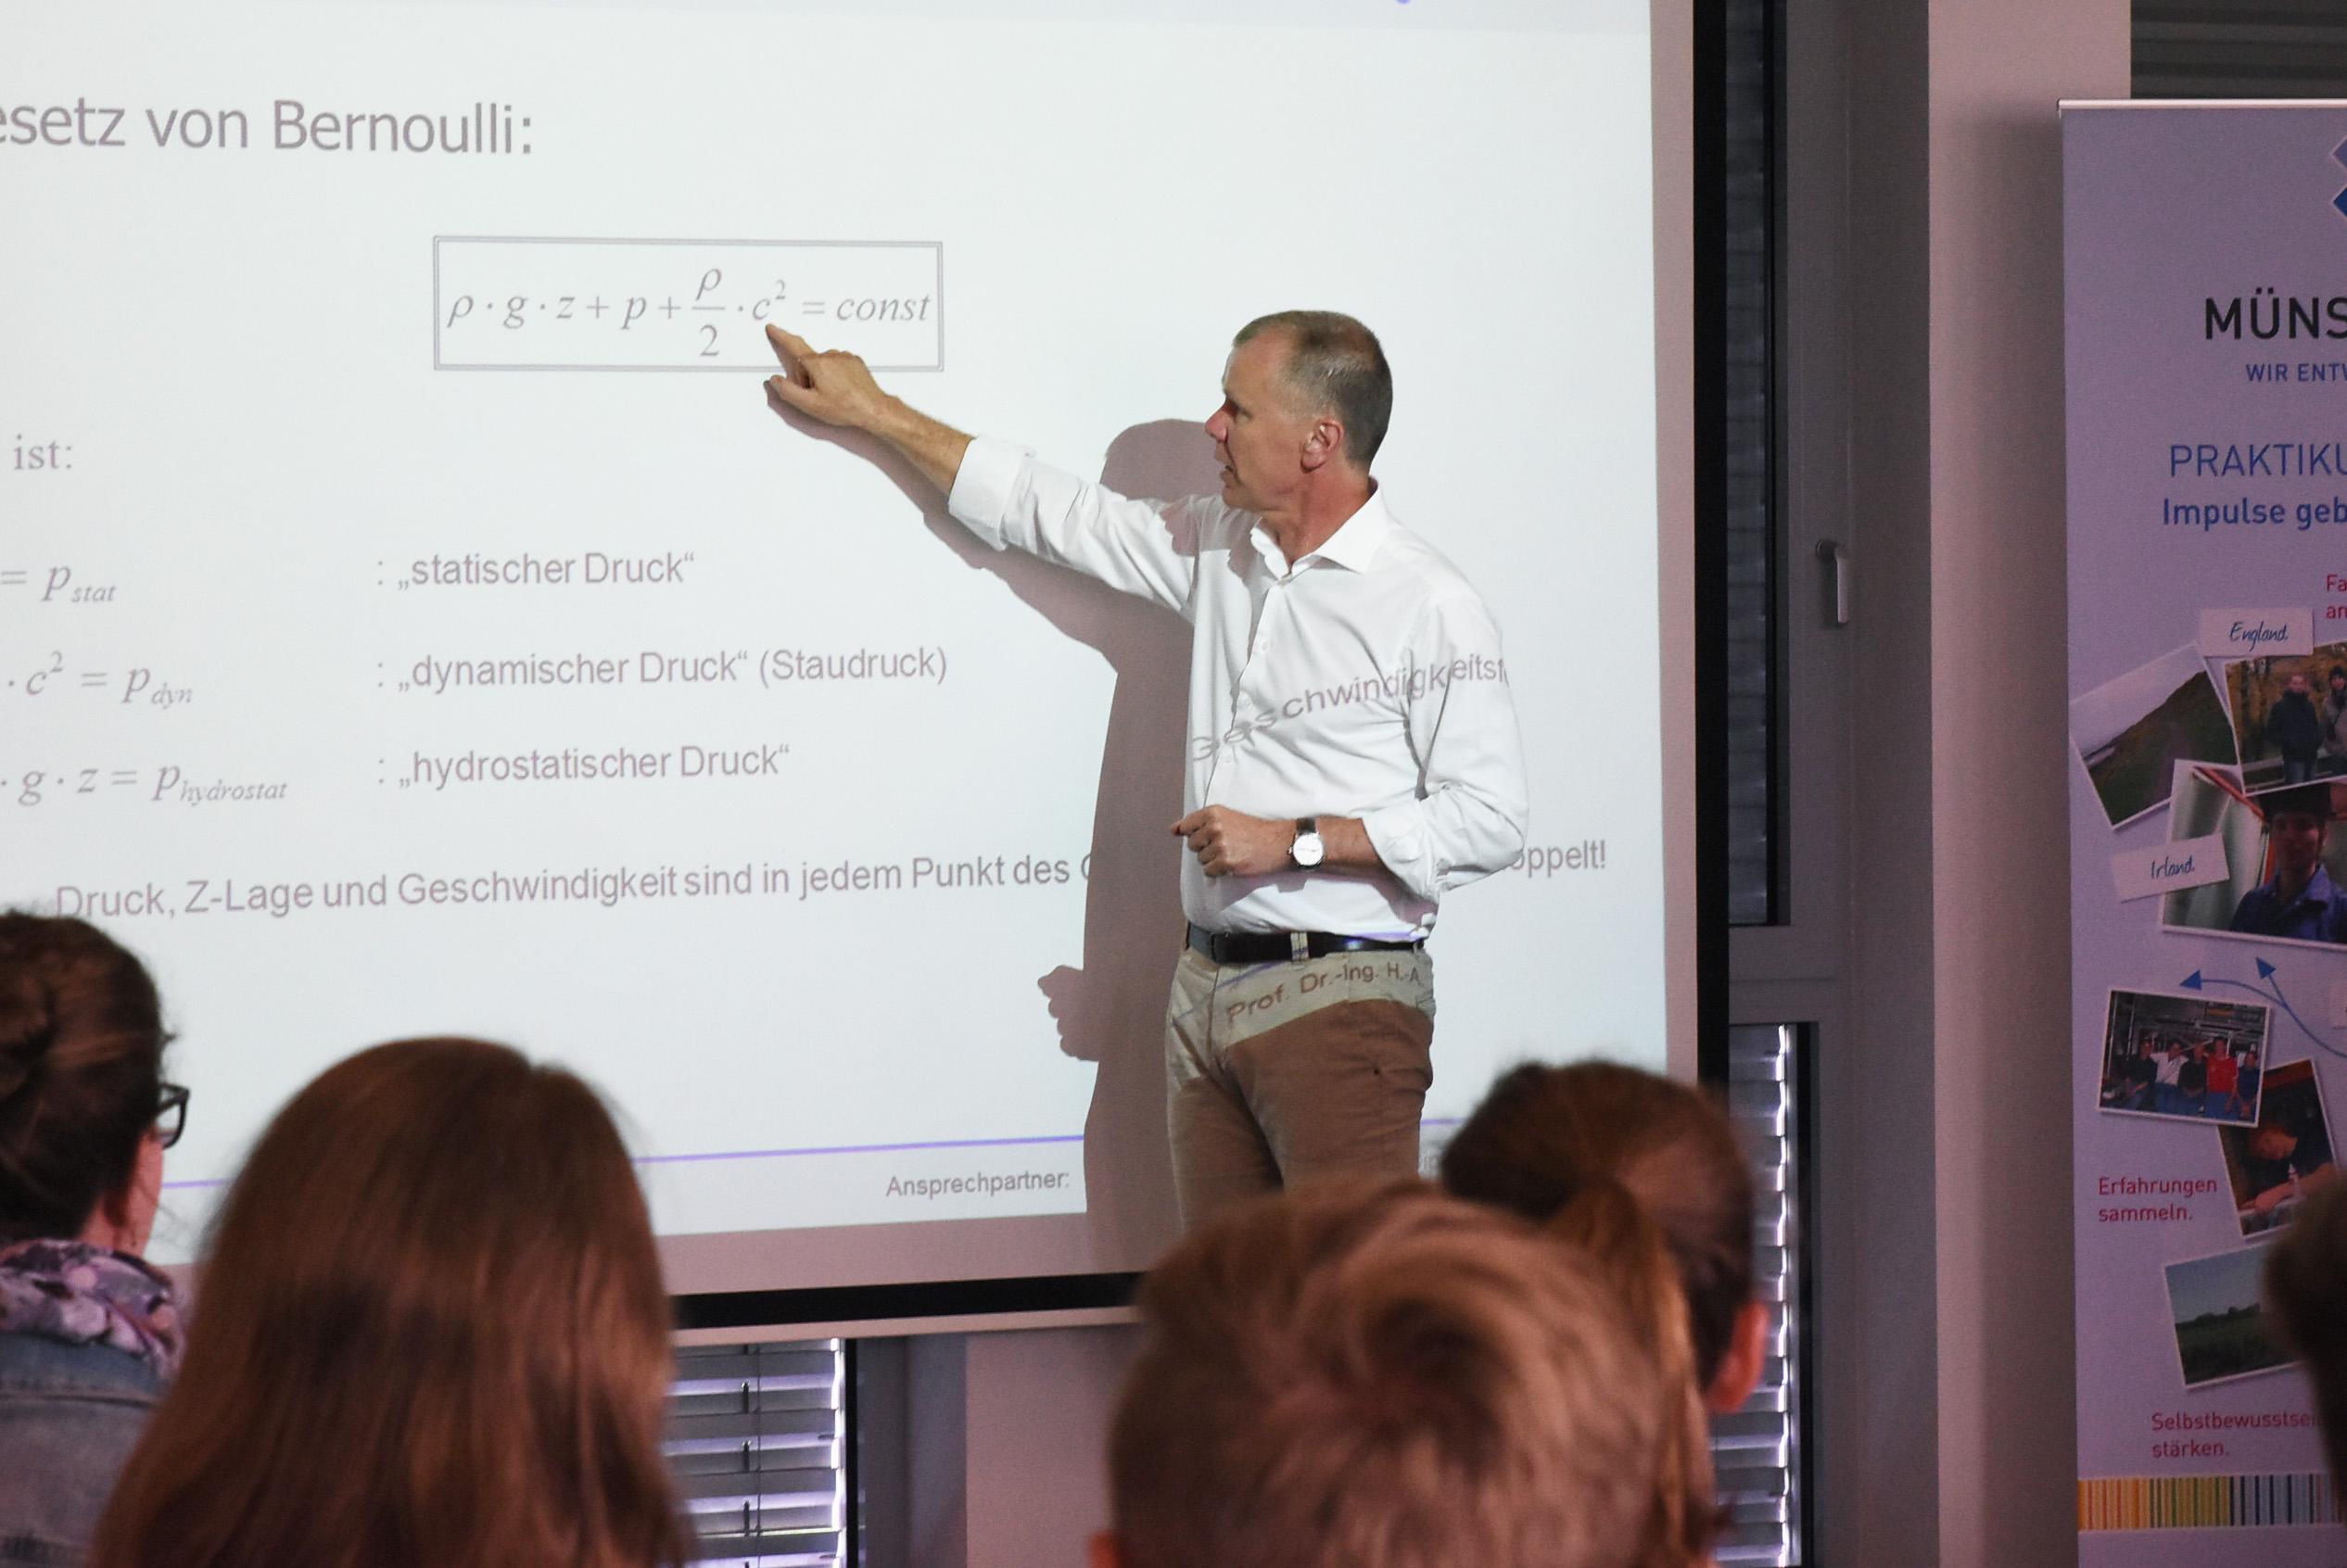 Prof. Dr. Hans-Arno Jantzen vom Fachbereich Maschinenbau der FH Münster gab den Schülern in seiner Schnuppervorlesung einen Vorgeschmack auf die Studieninhalte. (Foto: FH Münster/Pressestelle)